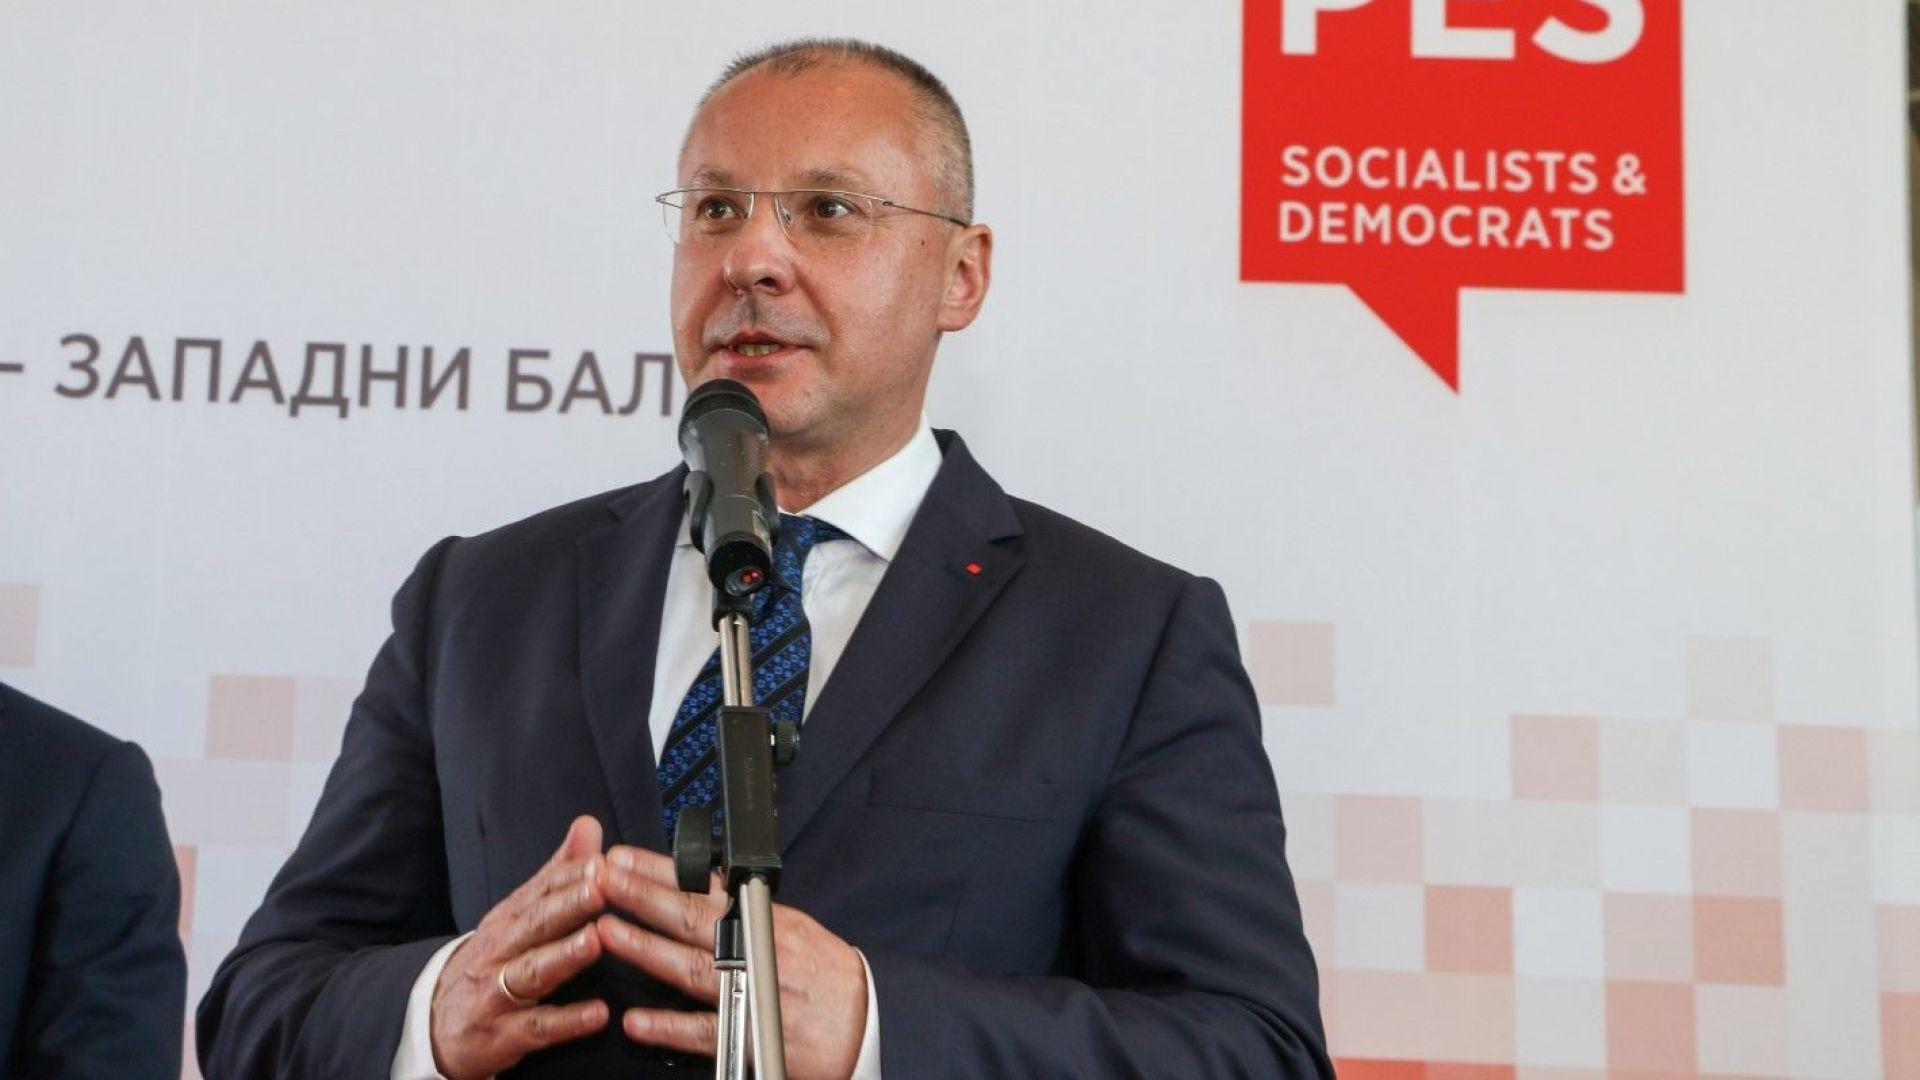 Станишев: Не сме направили исторически пробив с европредседателството